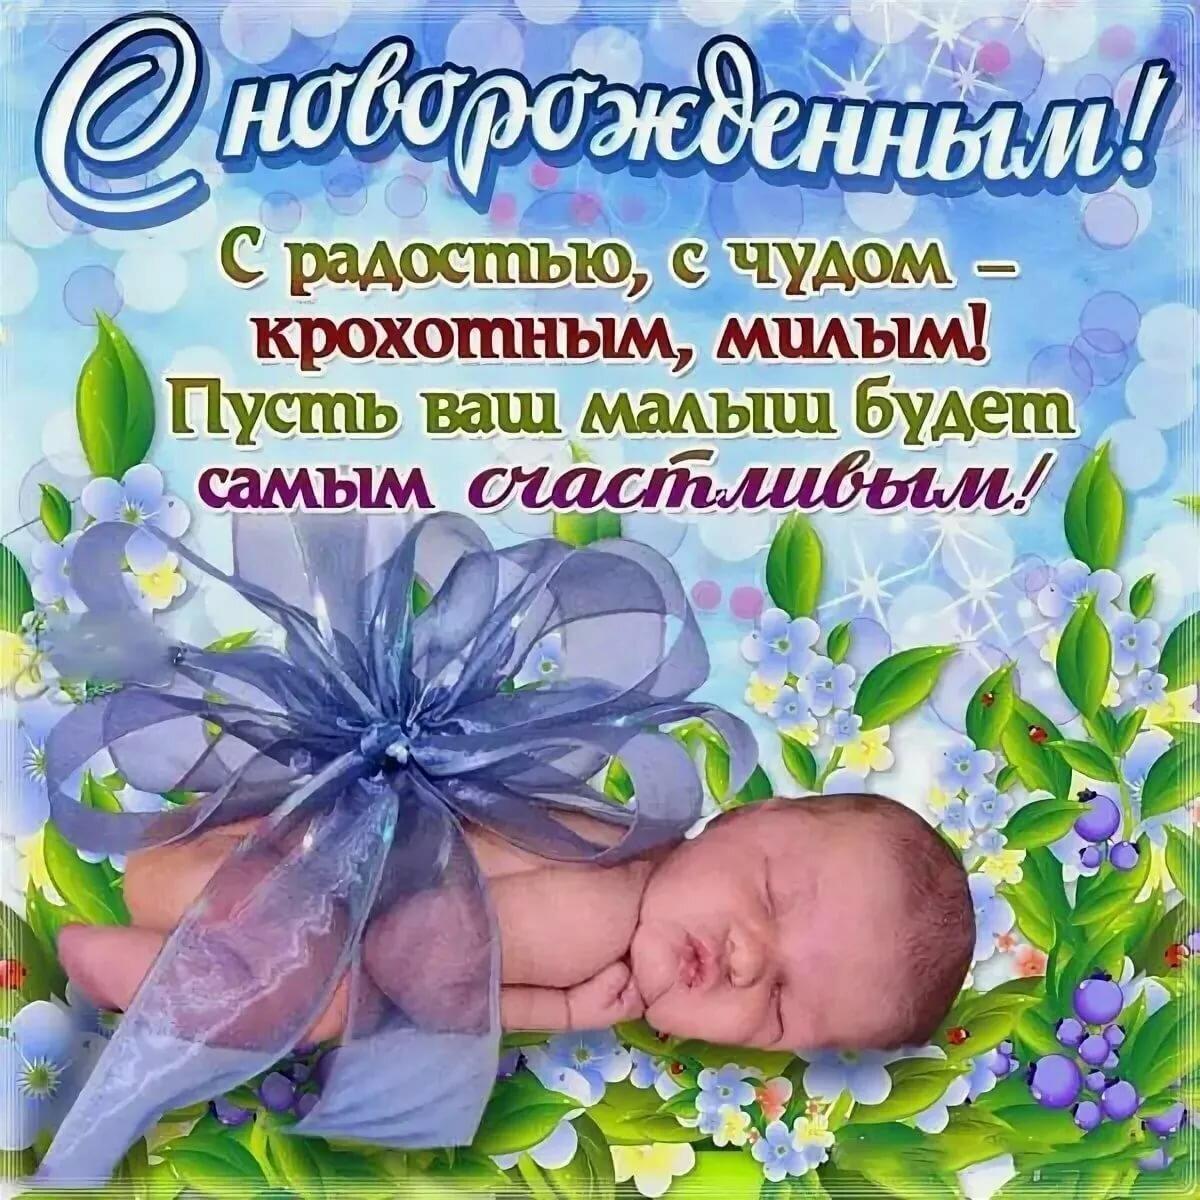 Днем рождения, картинки с рождением сына для одноклассников